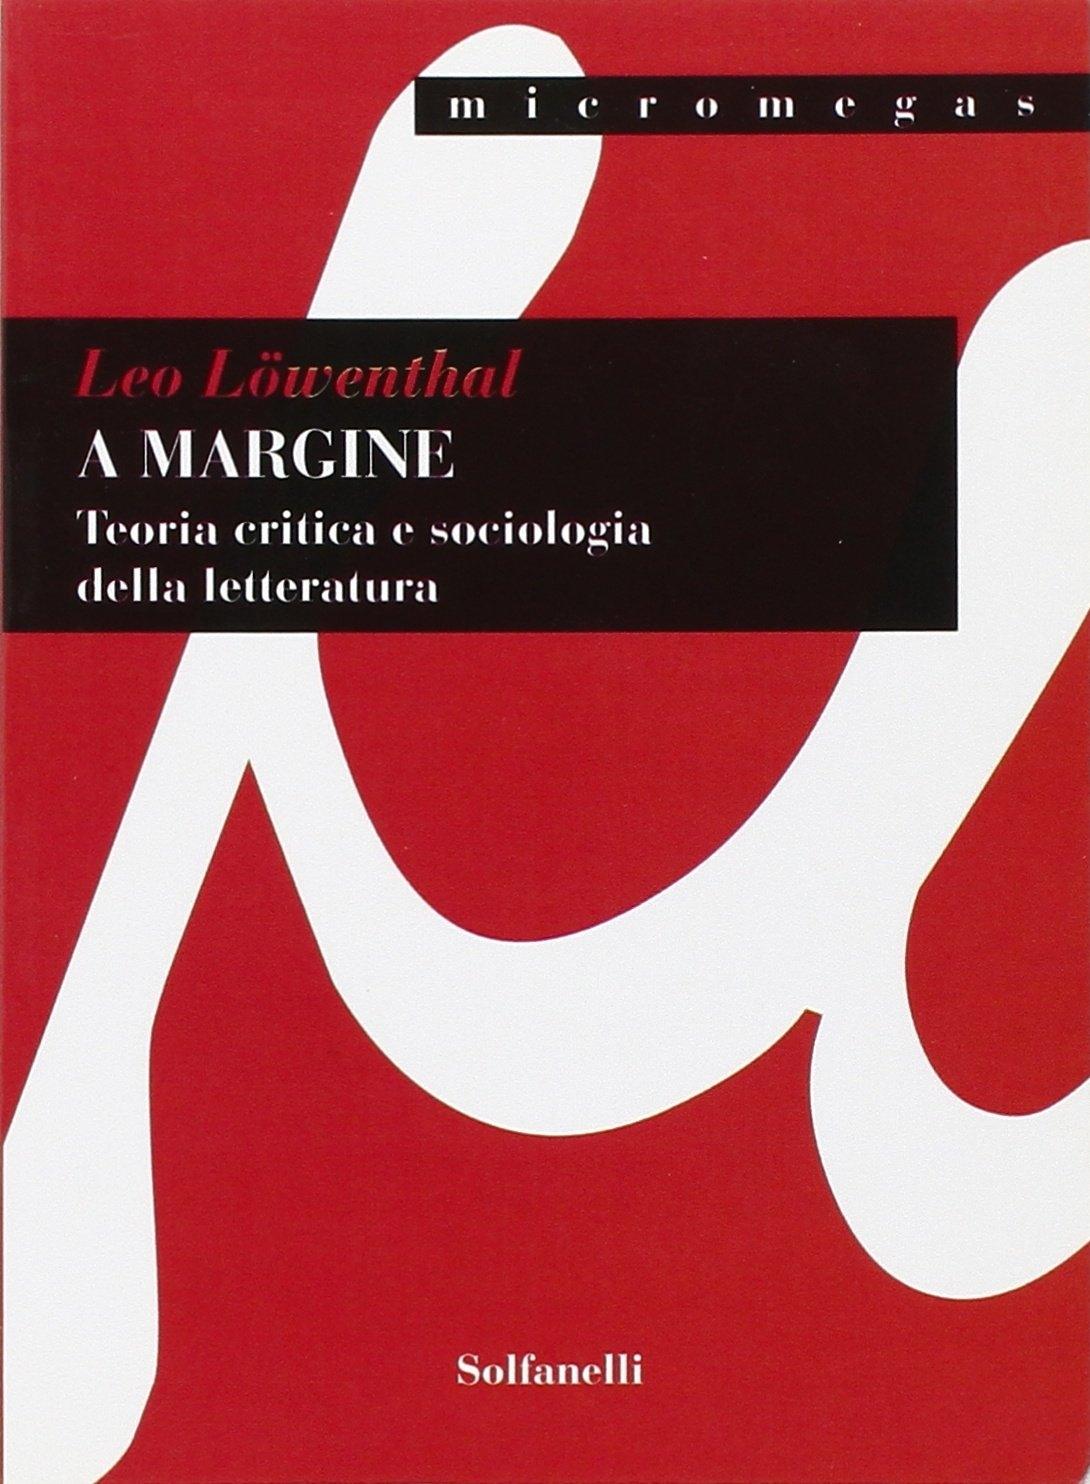 A margine. Teoria critica e sociologica della letteratura.